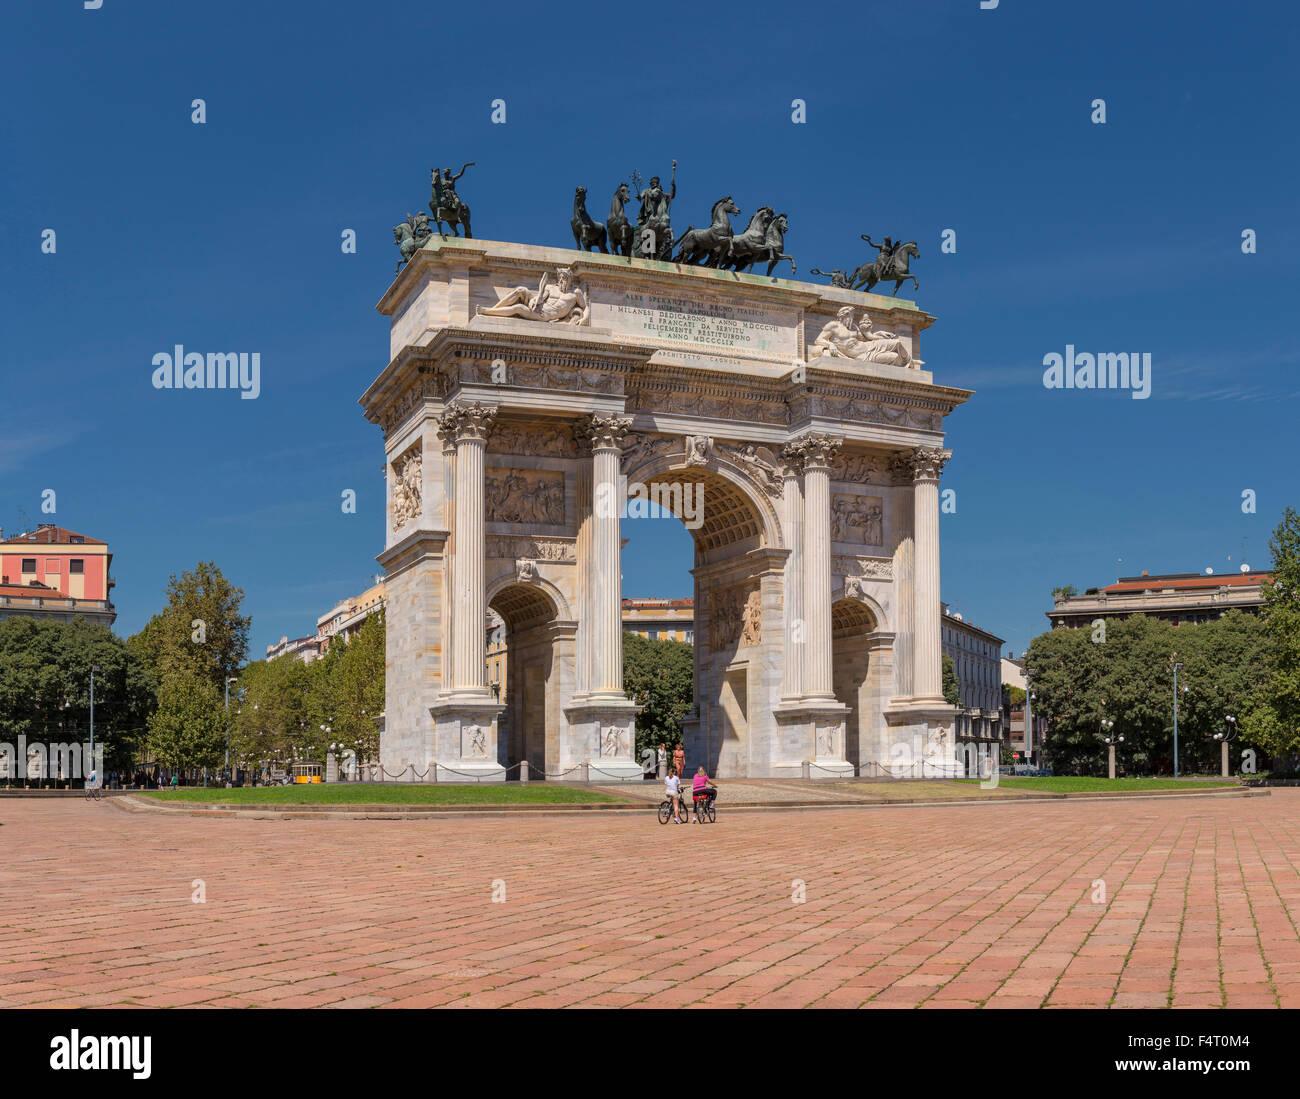 L'Italia, Europa, Milano, lombardia, Piazza Sempione, Arco della Pace, città, estate, persone Immagini Stock